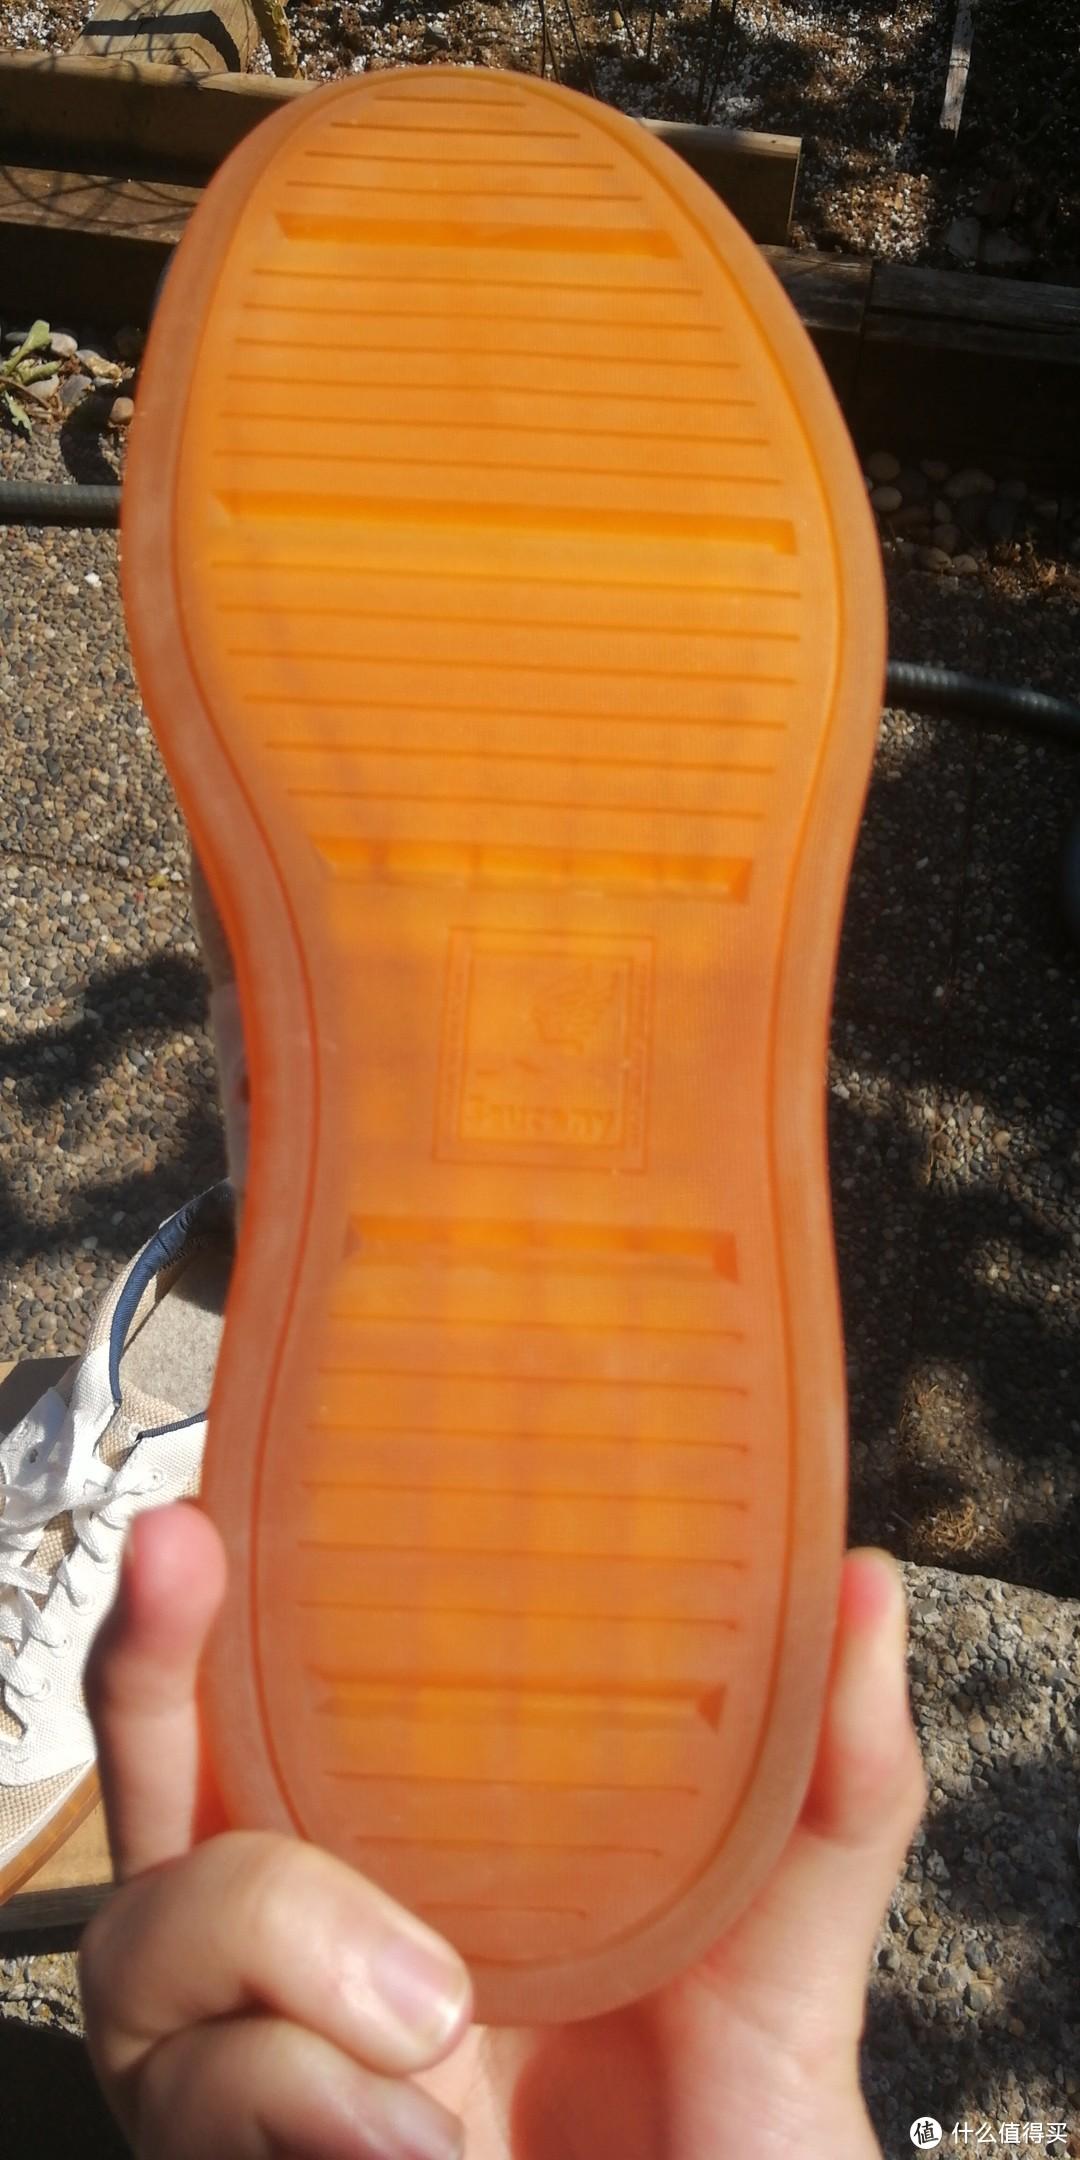 天然橡胶鞋底,除了防滑纹路外只有个正方形标